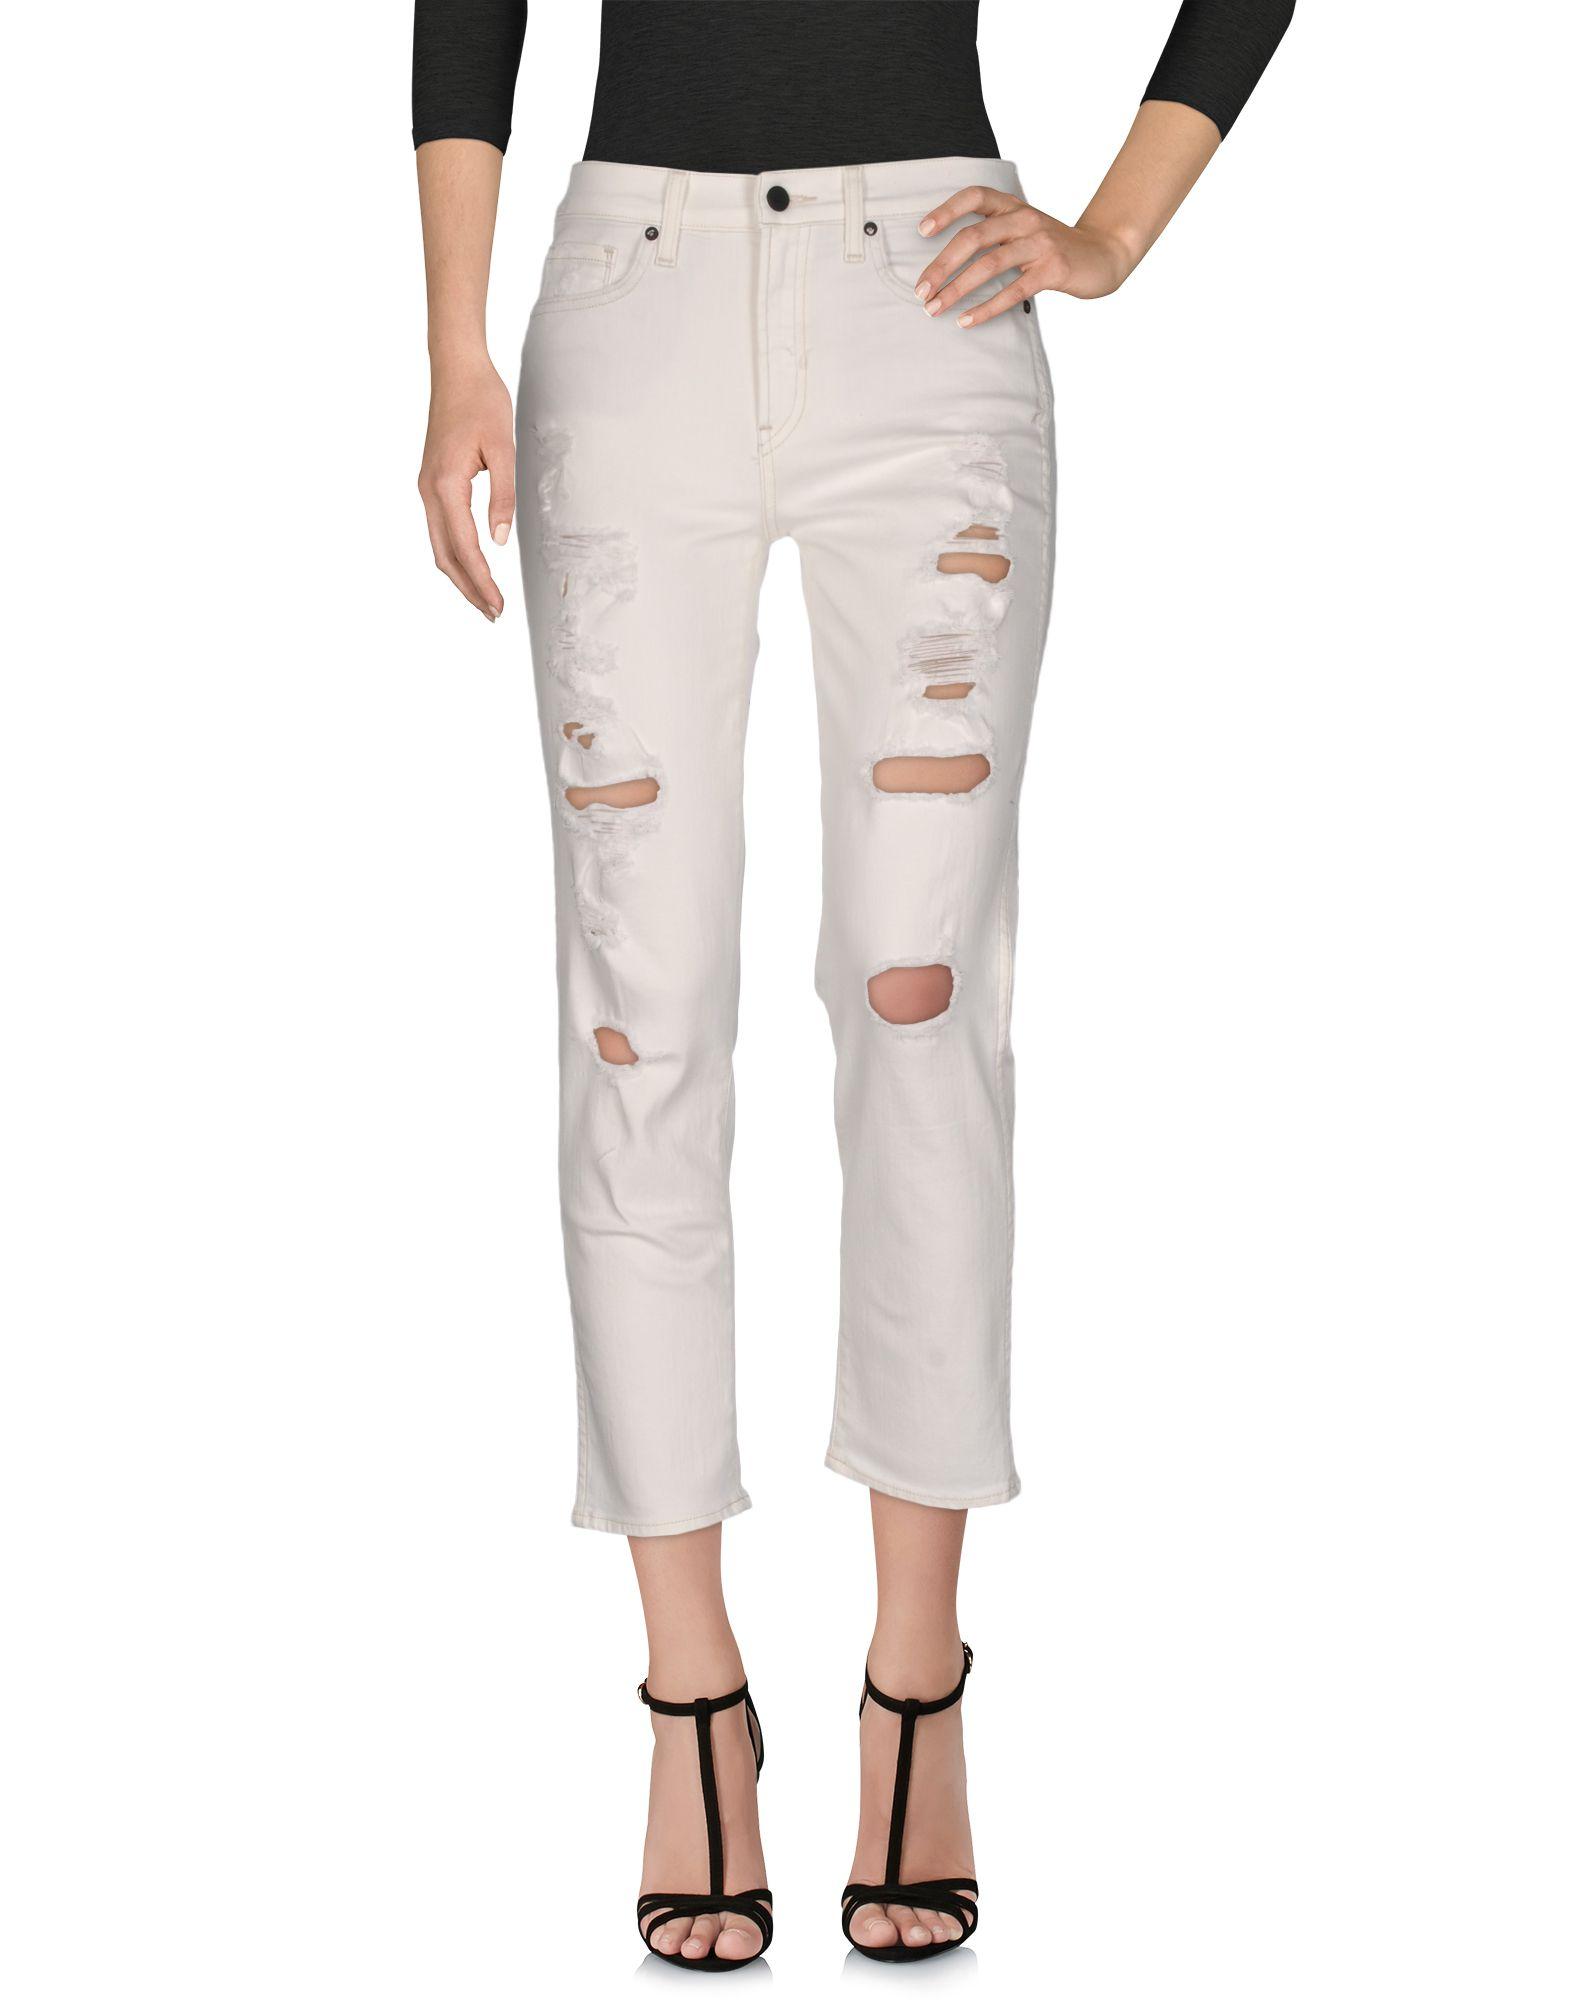 GENETIC DENIM Denim Pants in White